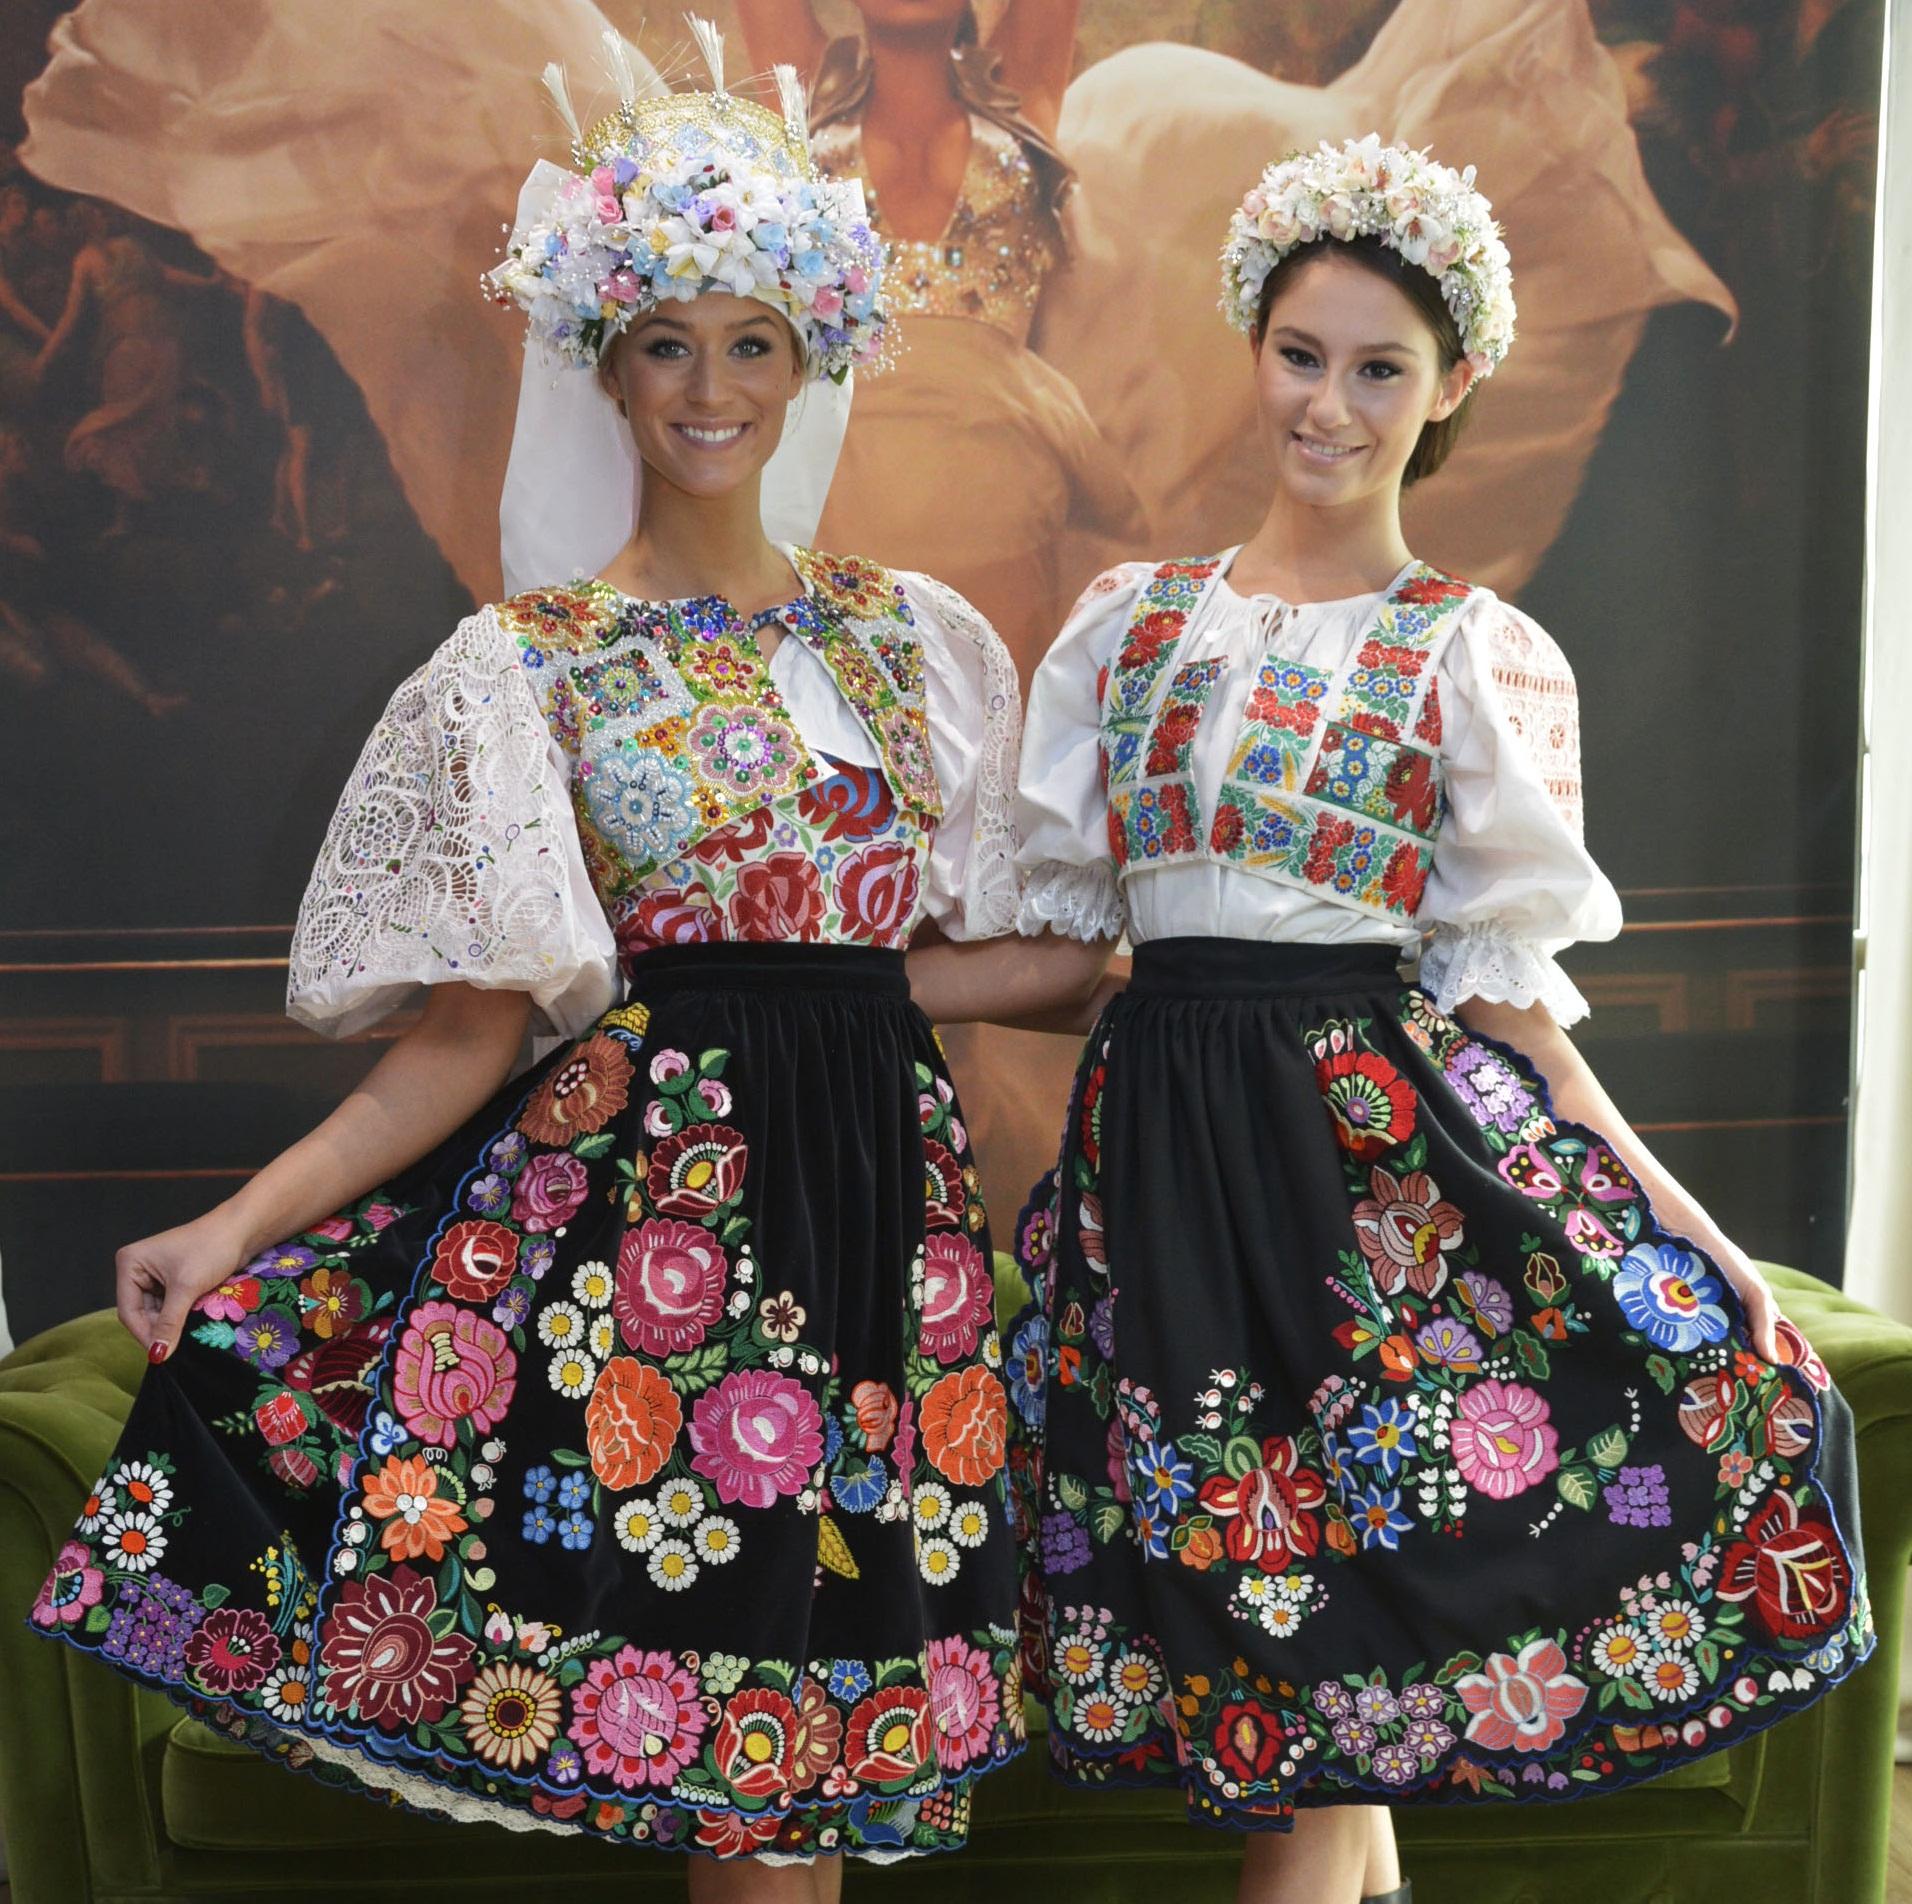 Najkrajšia Slovenka roku 2015 Lujza Straková odlieta na svetové finále Miss World do Číny + VIDEO 12